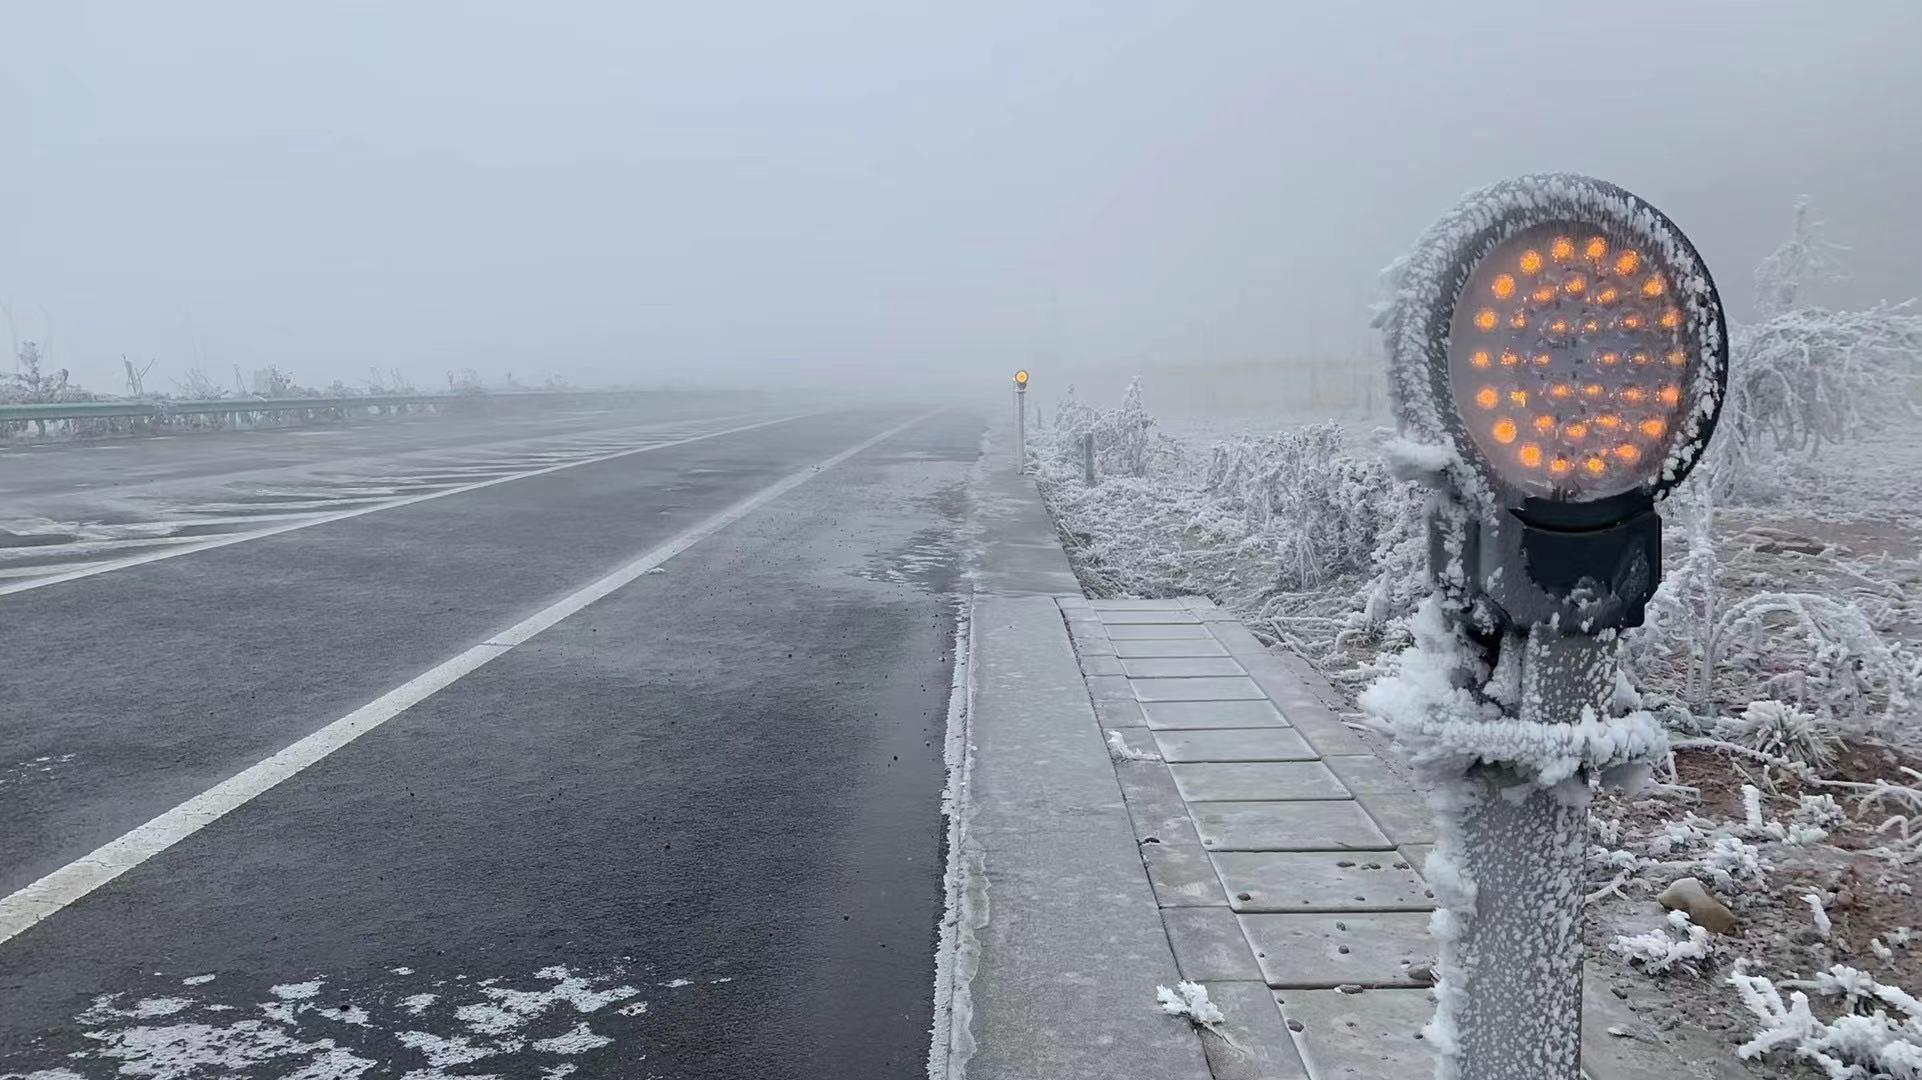 注意安全!贵州继续发布道路结冰黄色预警 多地低温雨雪持续